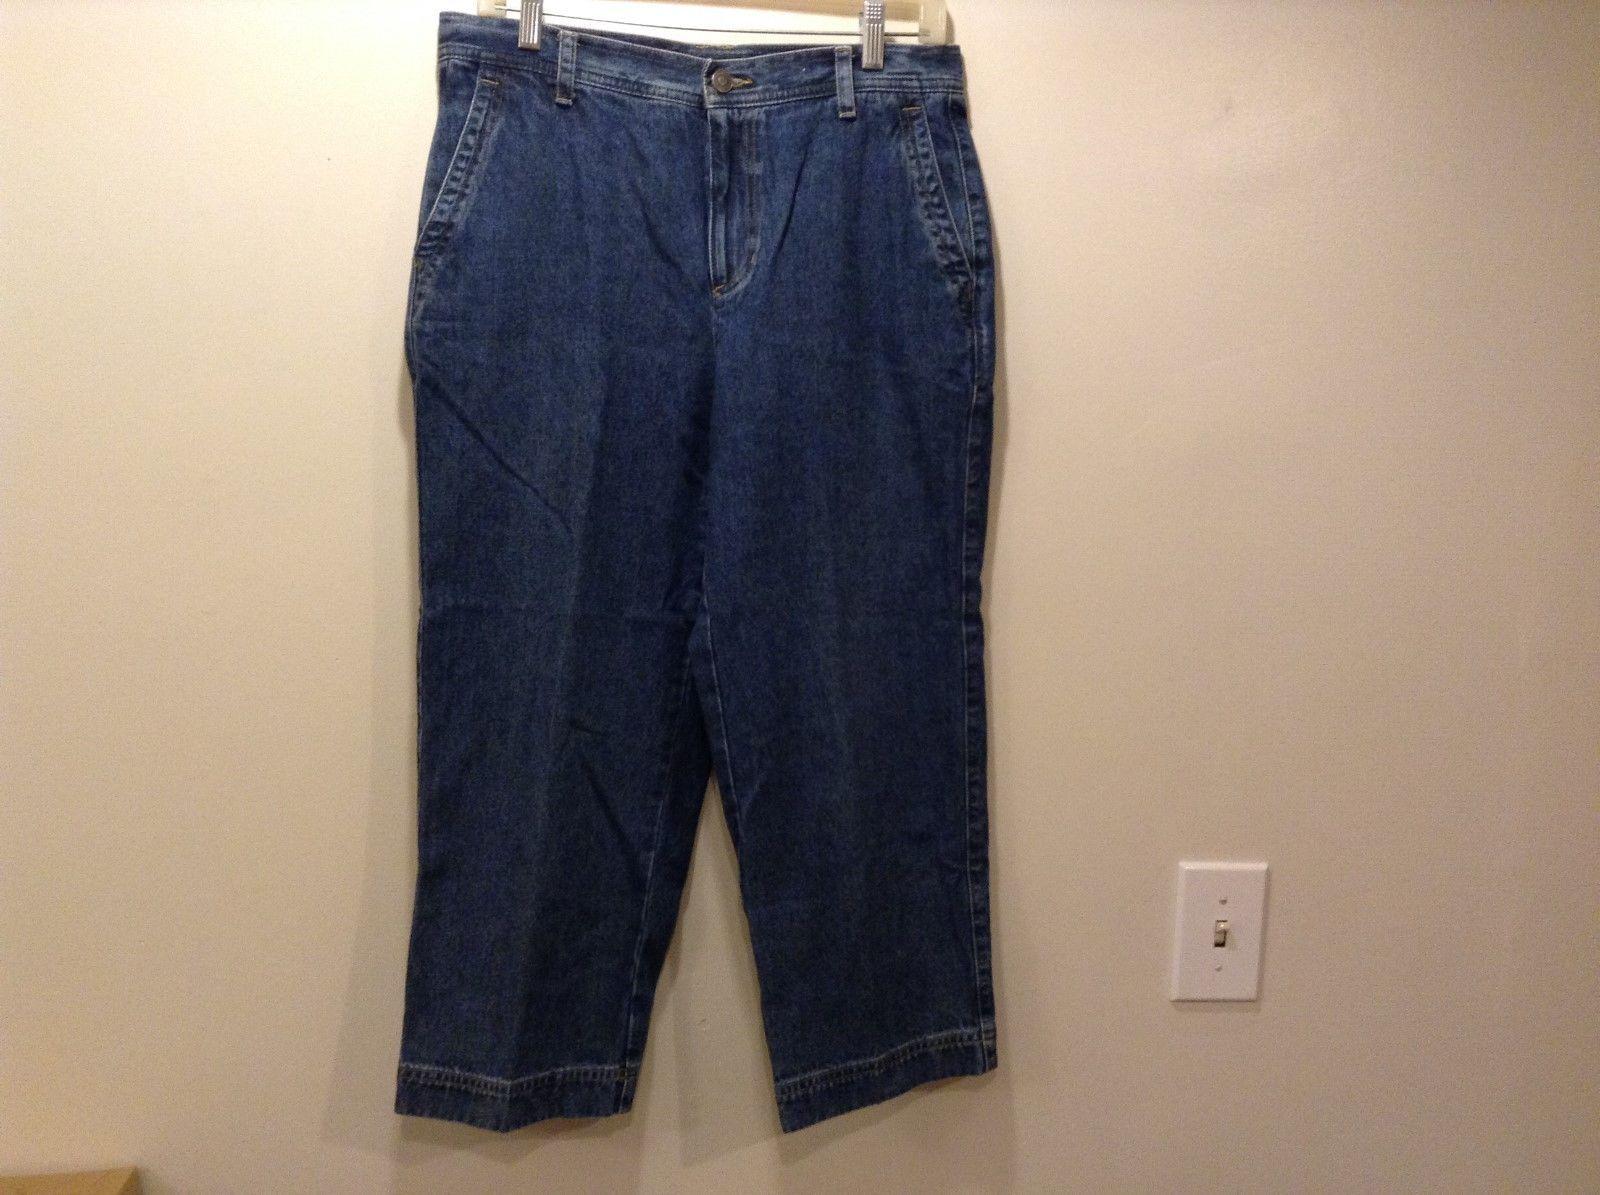 Liz Claiborne Cosette Med Wash Cropped Ladies Blue Jeans/Capris Sz 8